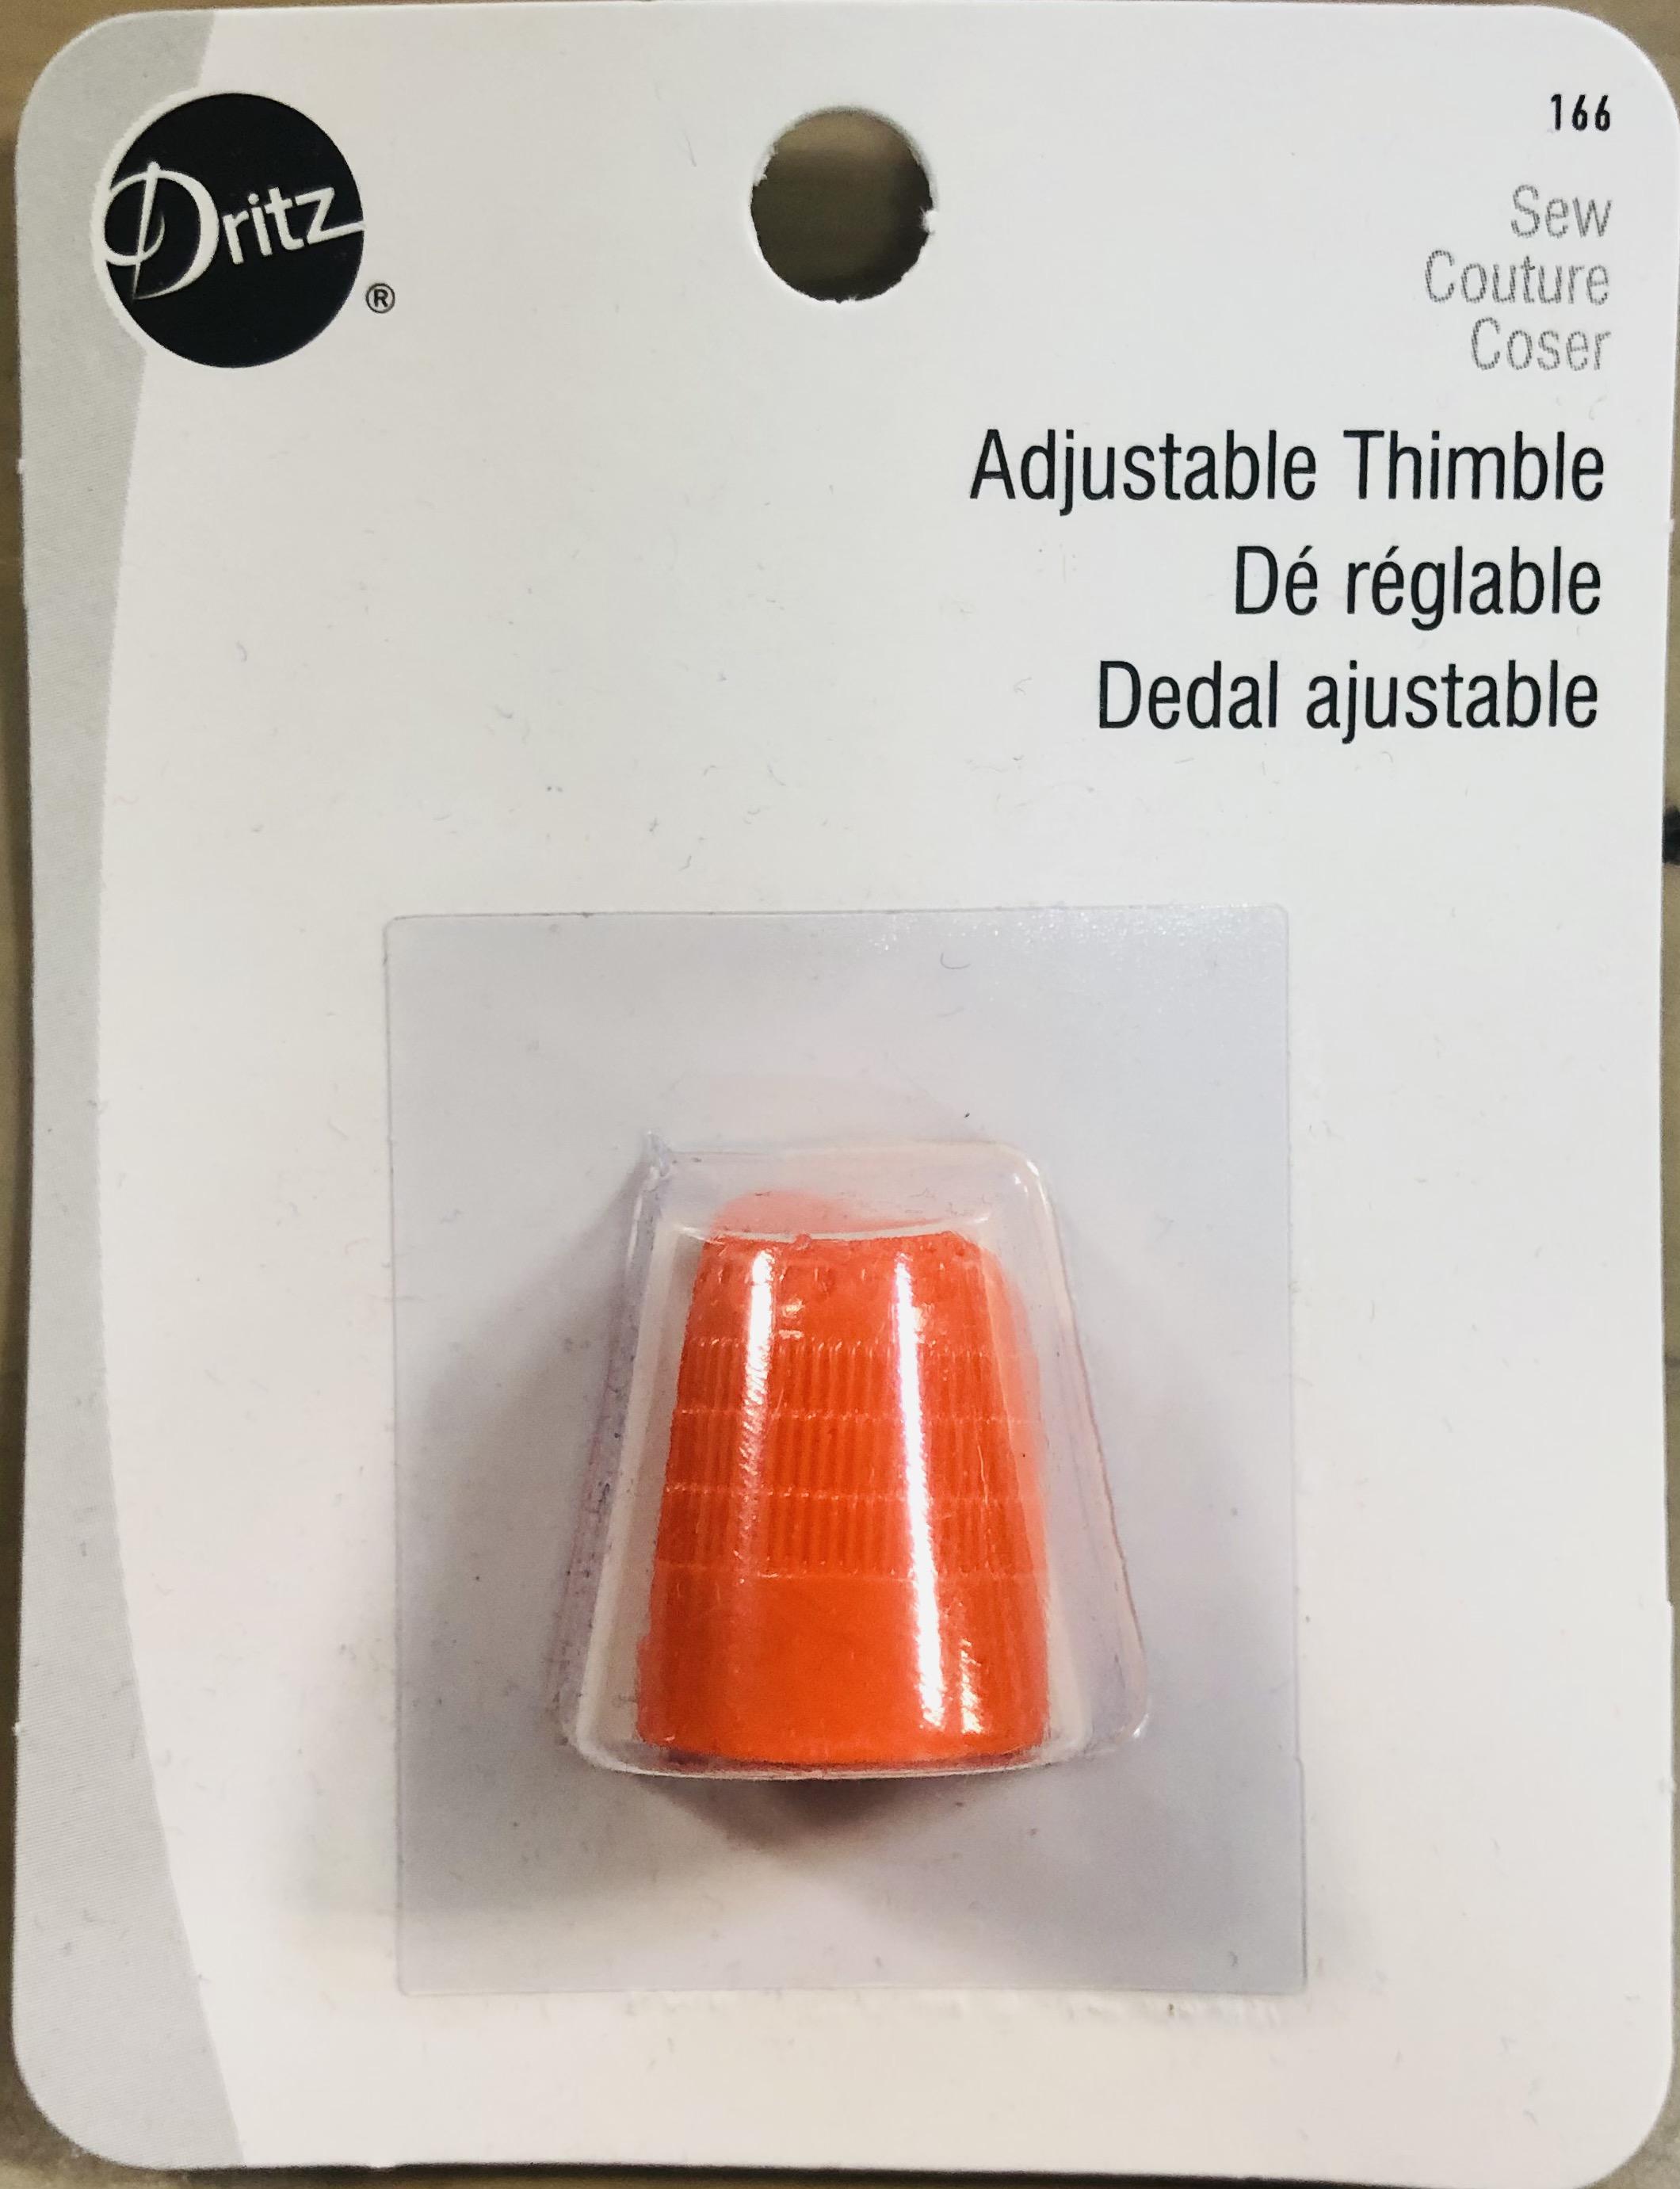 Adjustable Thimble「アジャスタブル シンブル」-オレンジ(NOT-007)